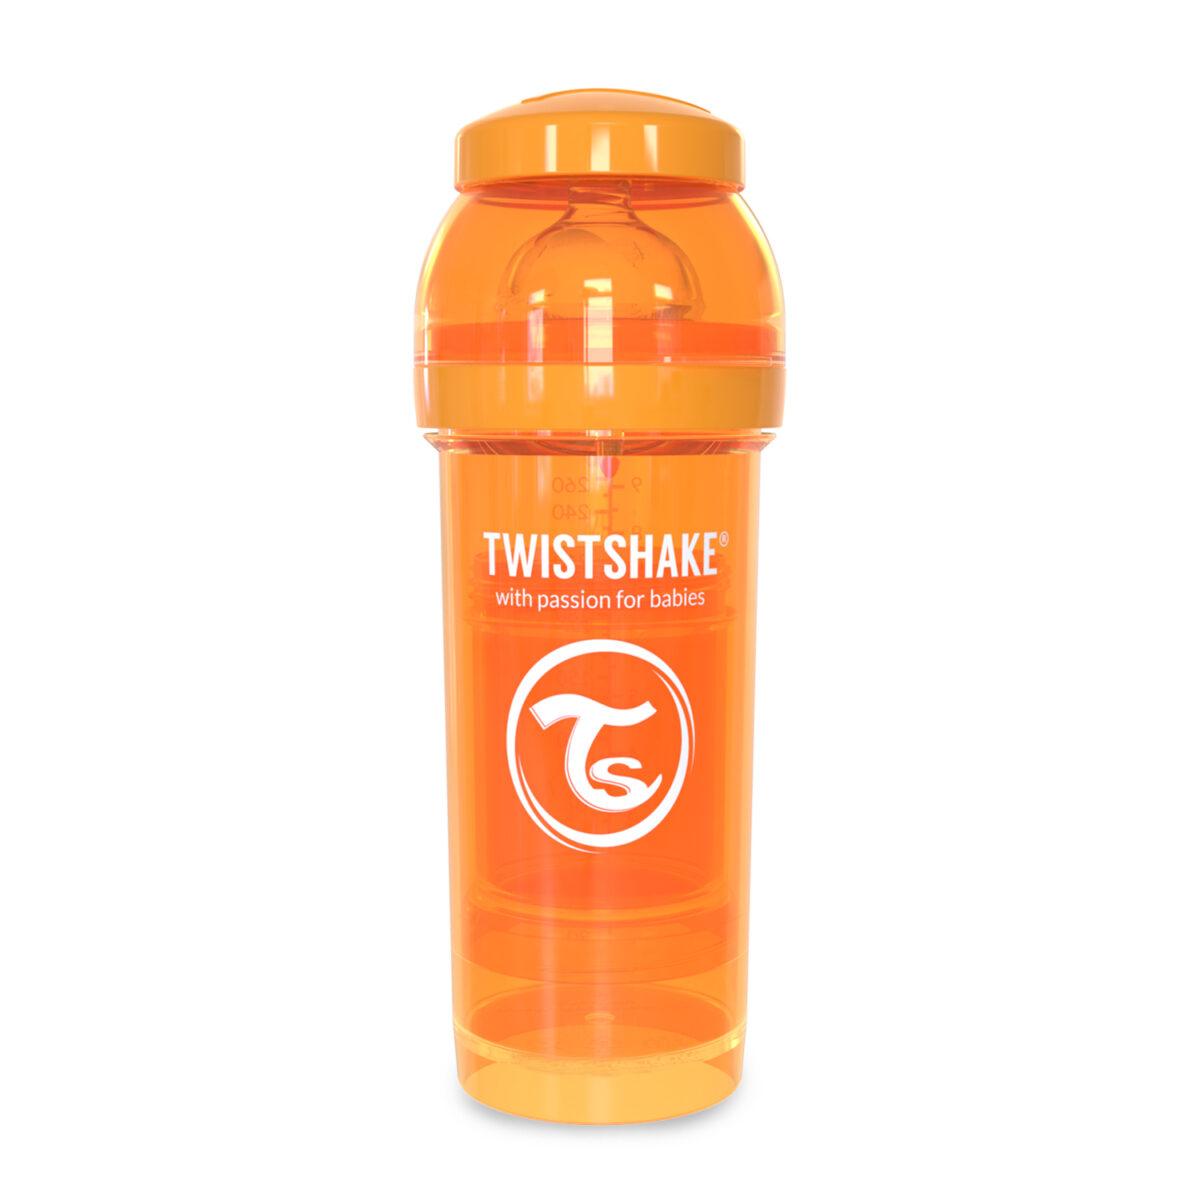 شیشه شیر طلقی 260 میلی لیتر تویست شیک نارنجی«Twistshake»